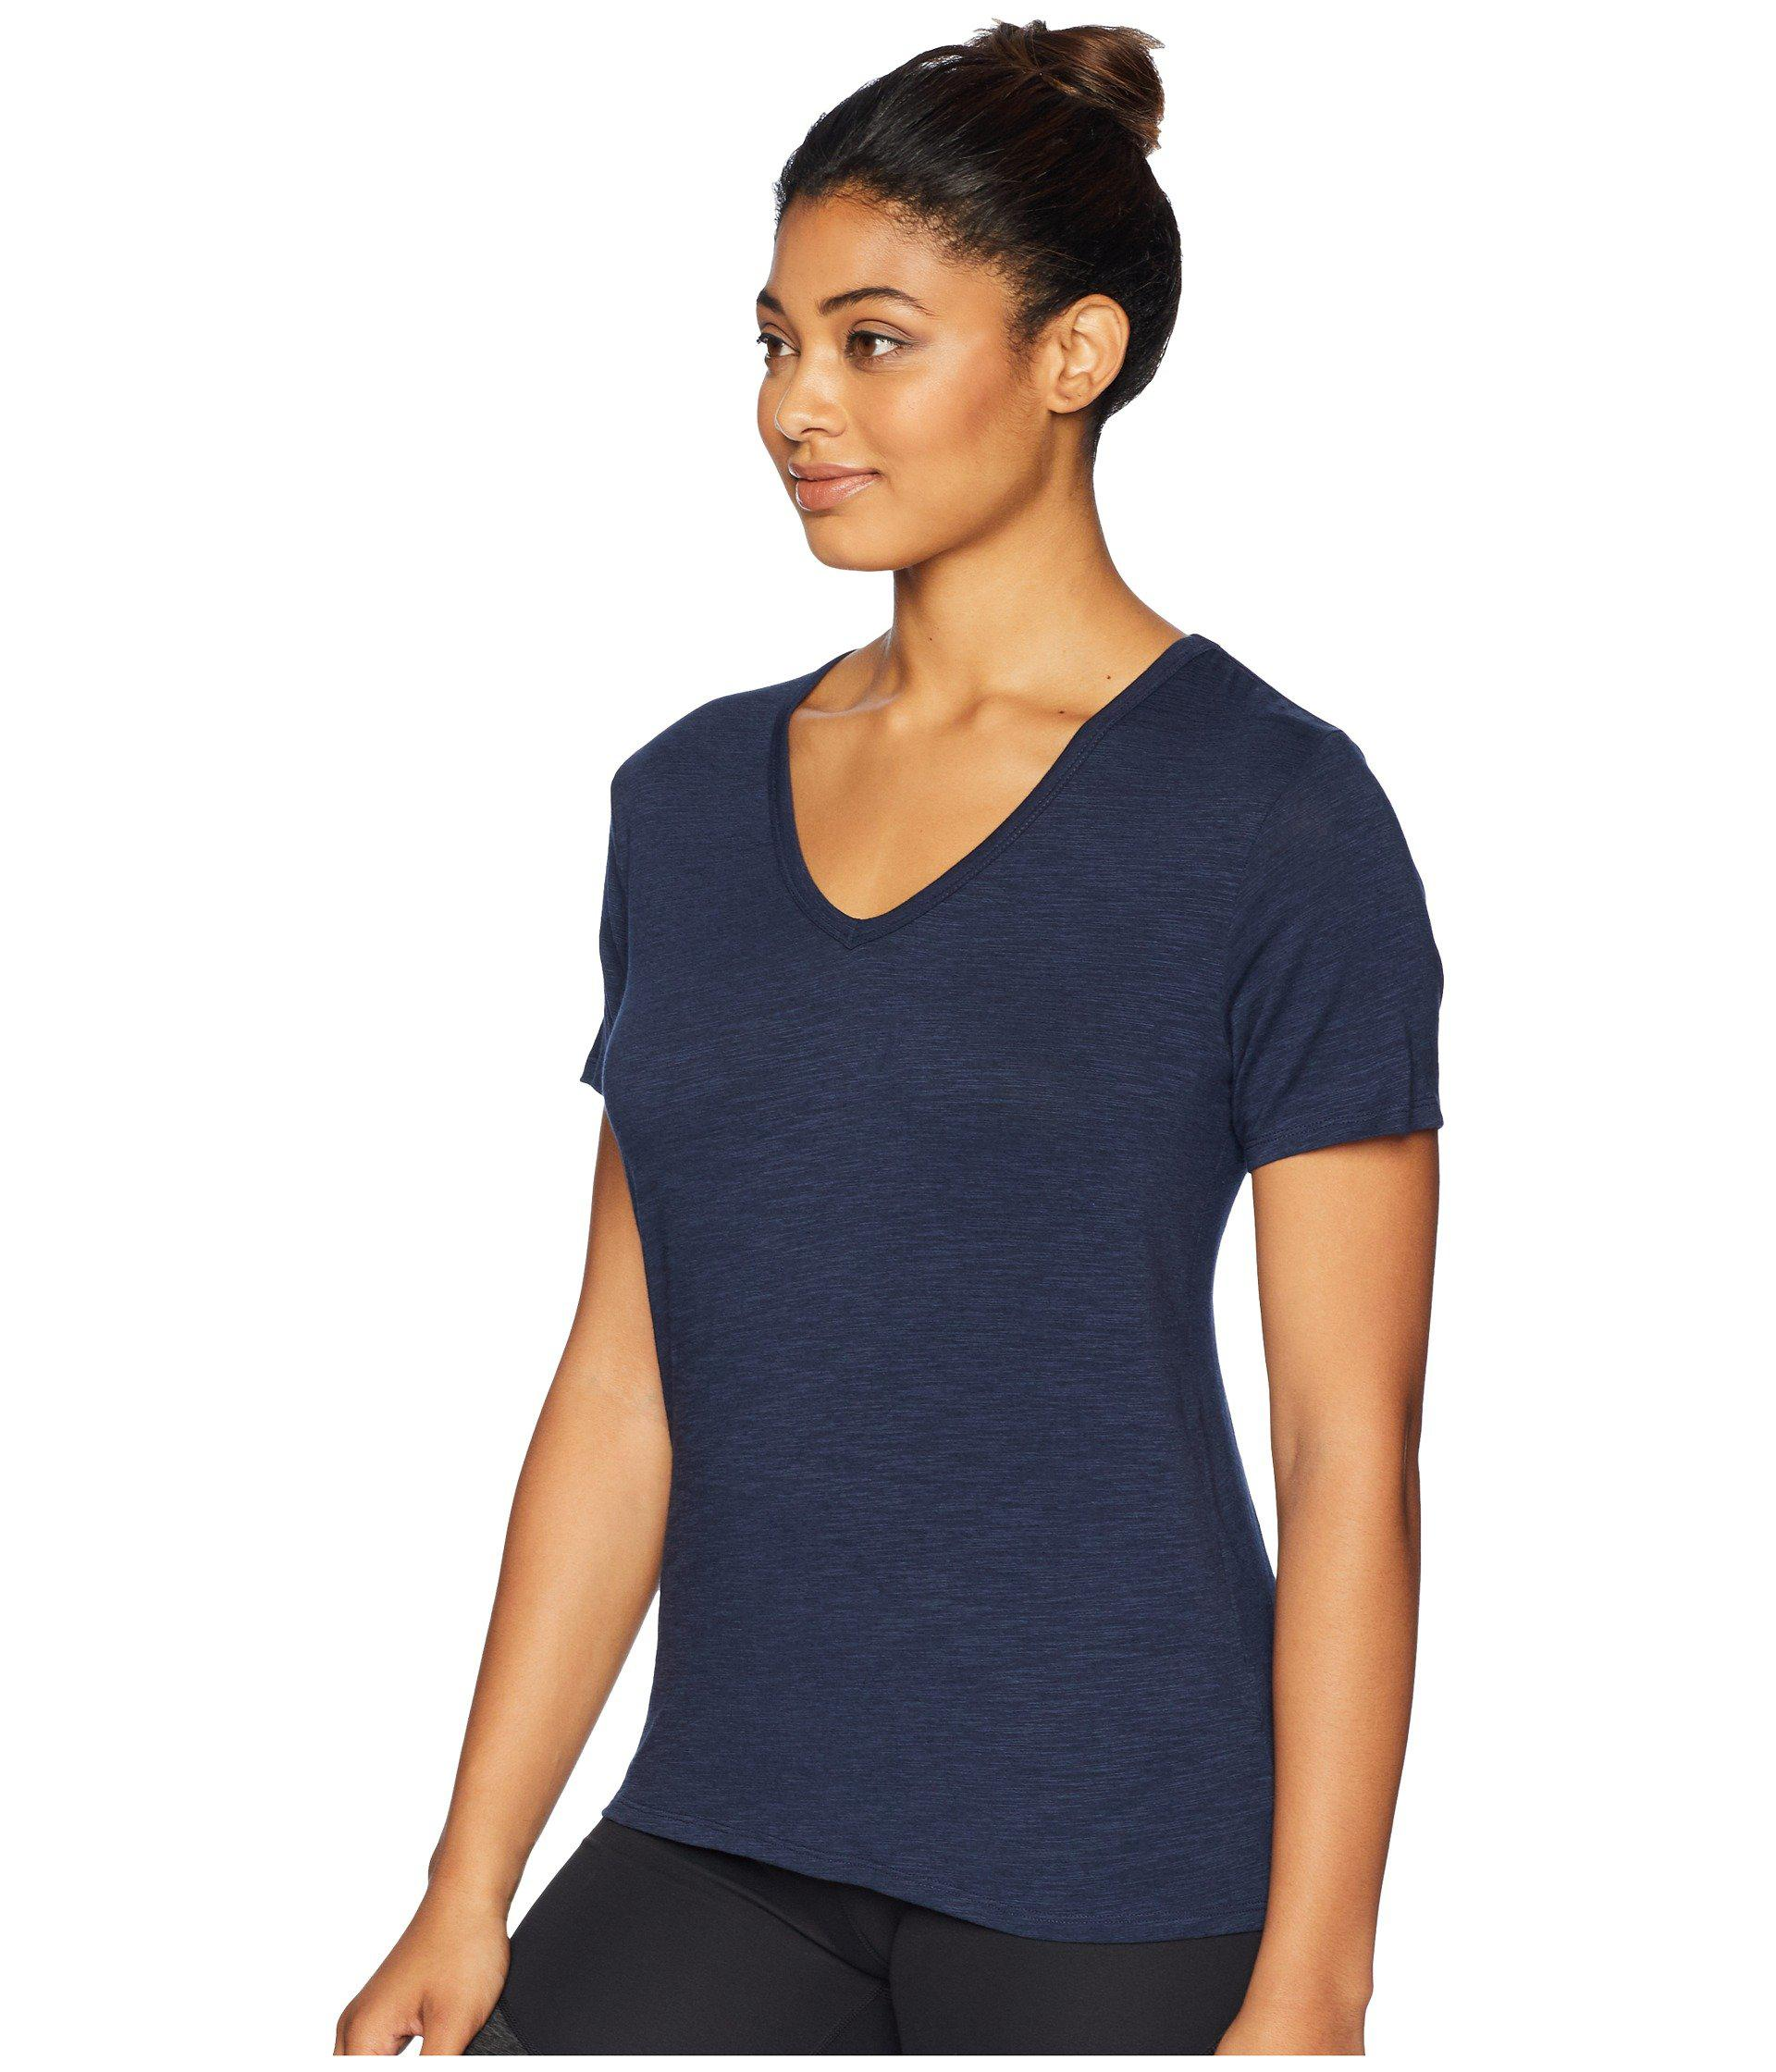 4f0f10fa557e0c Lyst - tasc Performance St. Charles V-neck Short Sleeve Tee (black) Women's  T Shirt in Blue